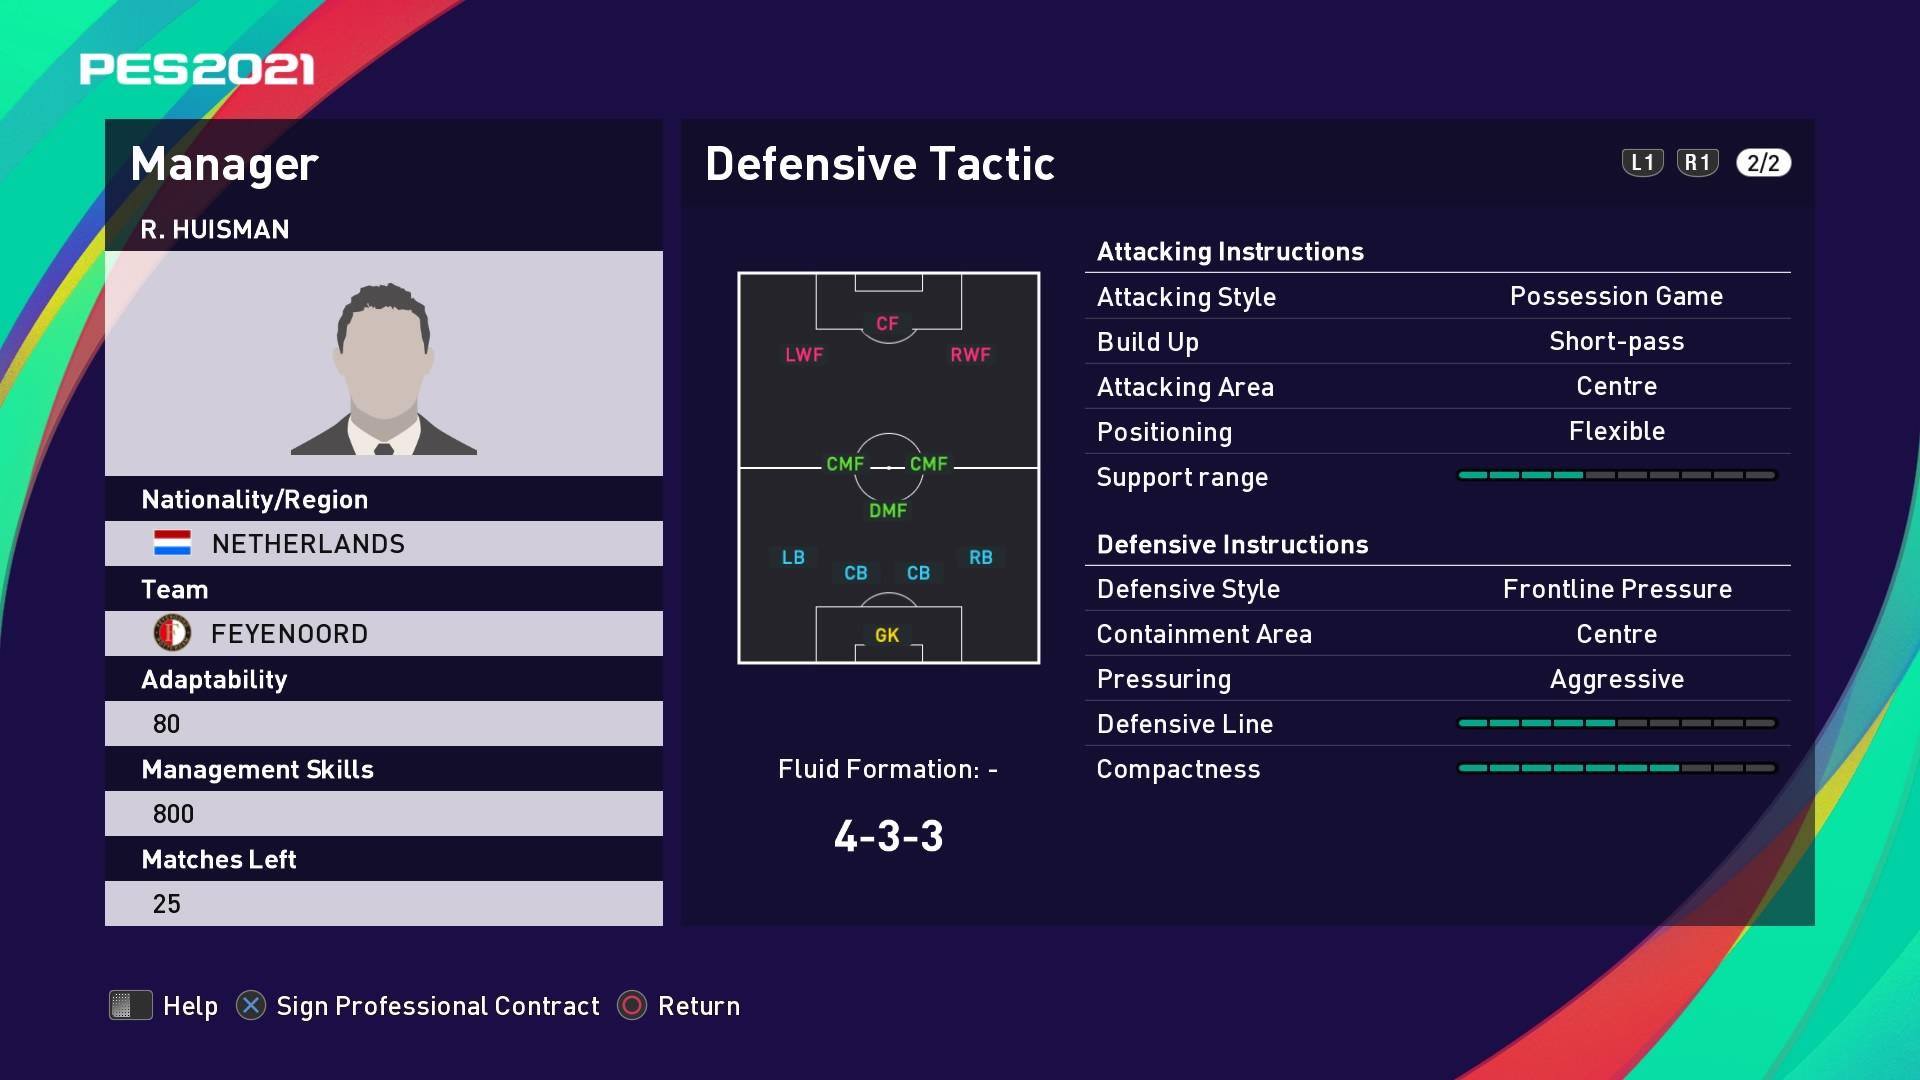 R. Huisman (Dick Advocaat) Defensive Tactic in PES 2021 myClub